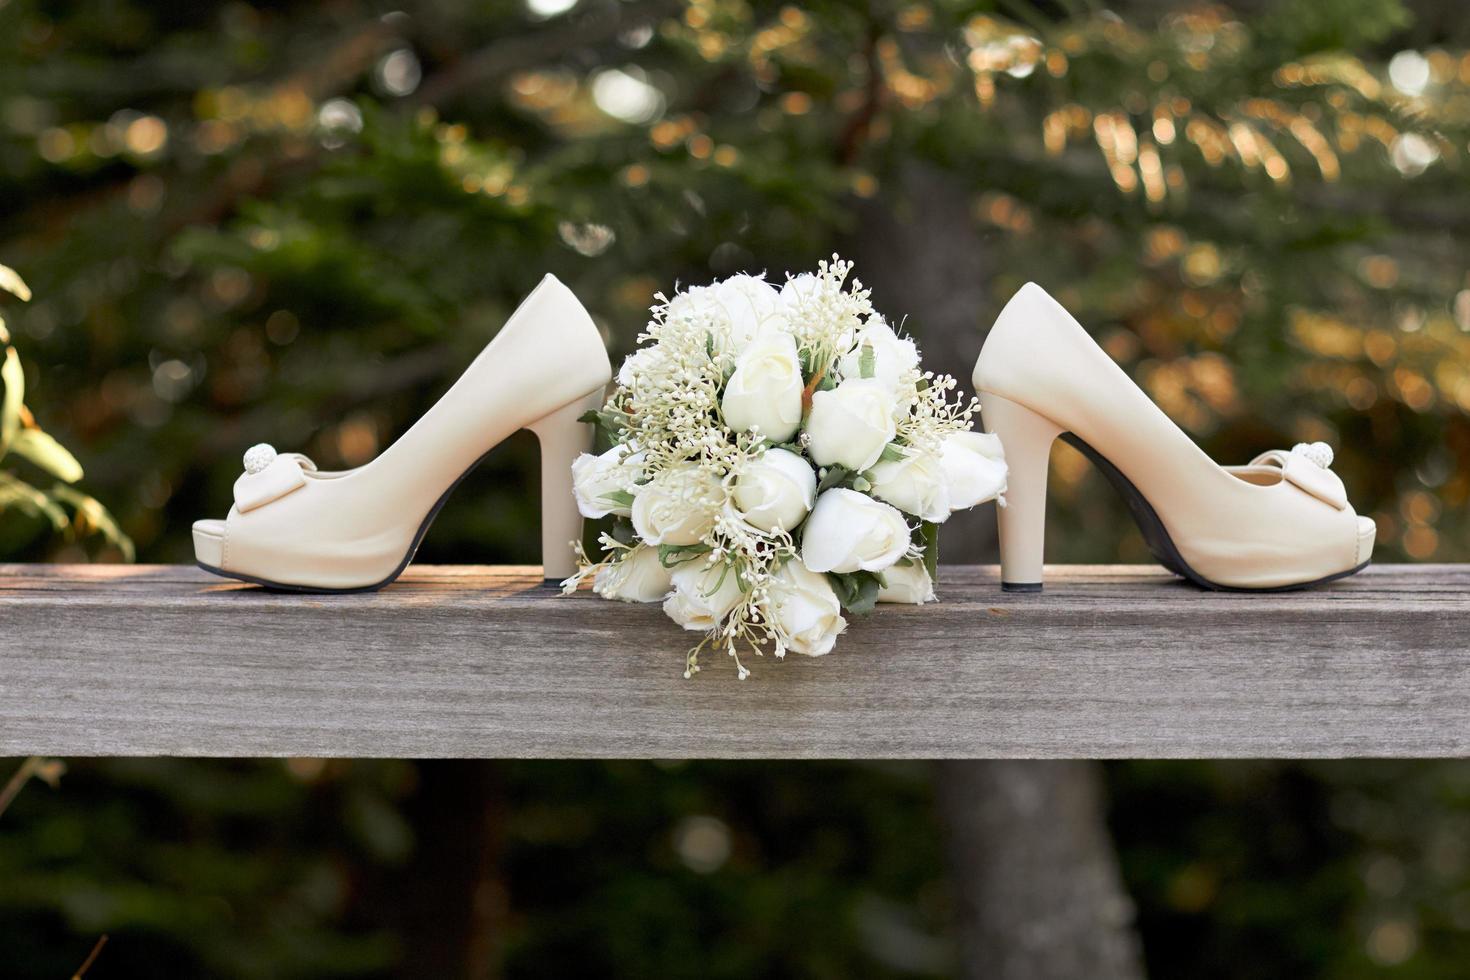 bröllopskor och bukett utanför foto